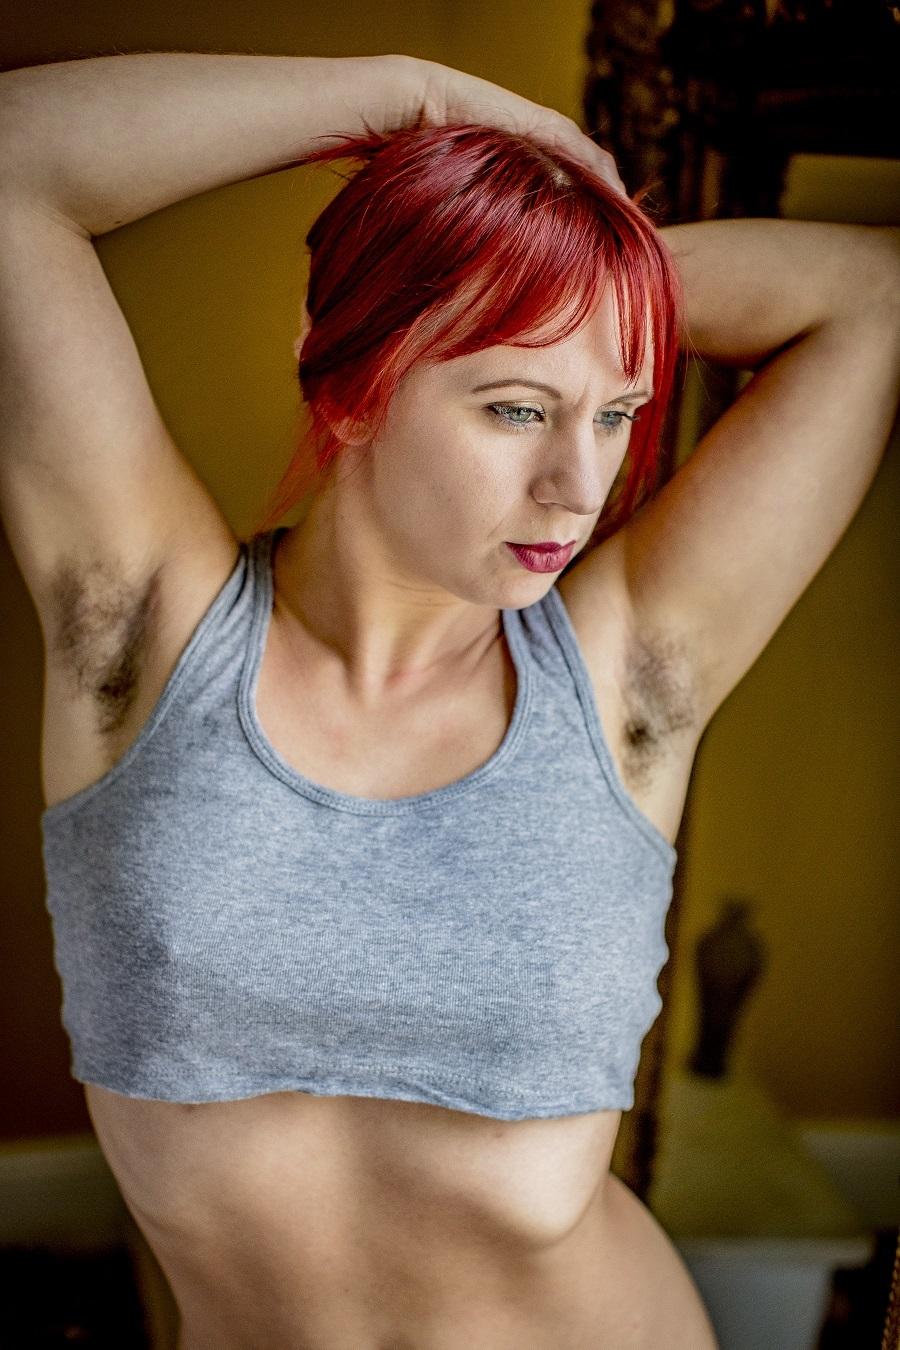 Wild / Photography by Paul Courtney, Model Freya, Stylist Freya / Uploaded 29th January 2019 @ 06:07 PM